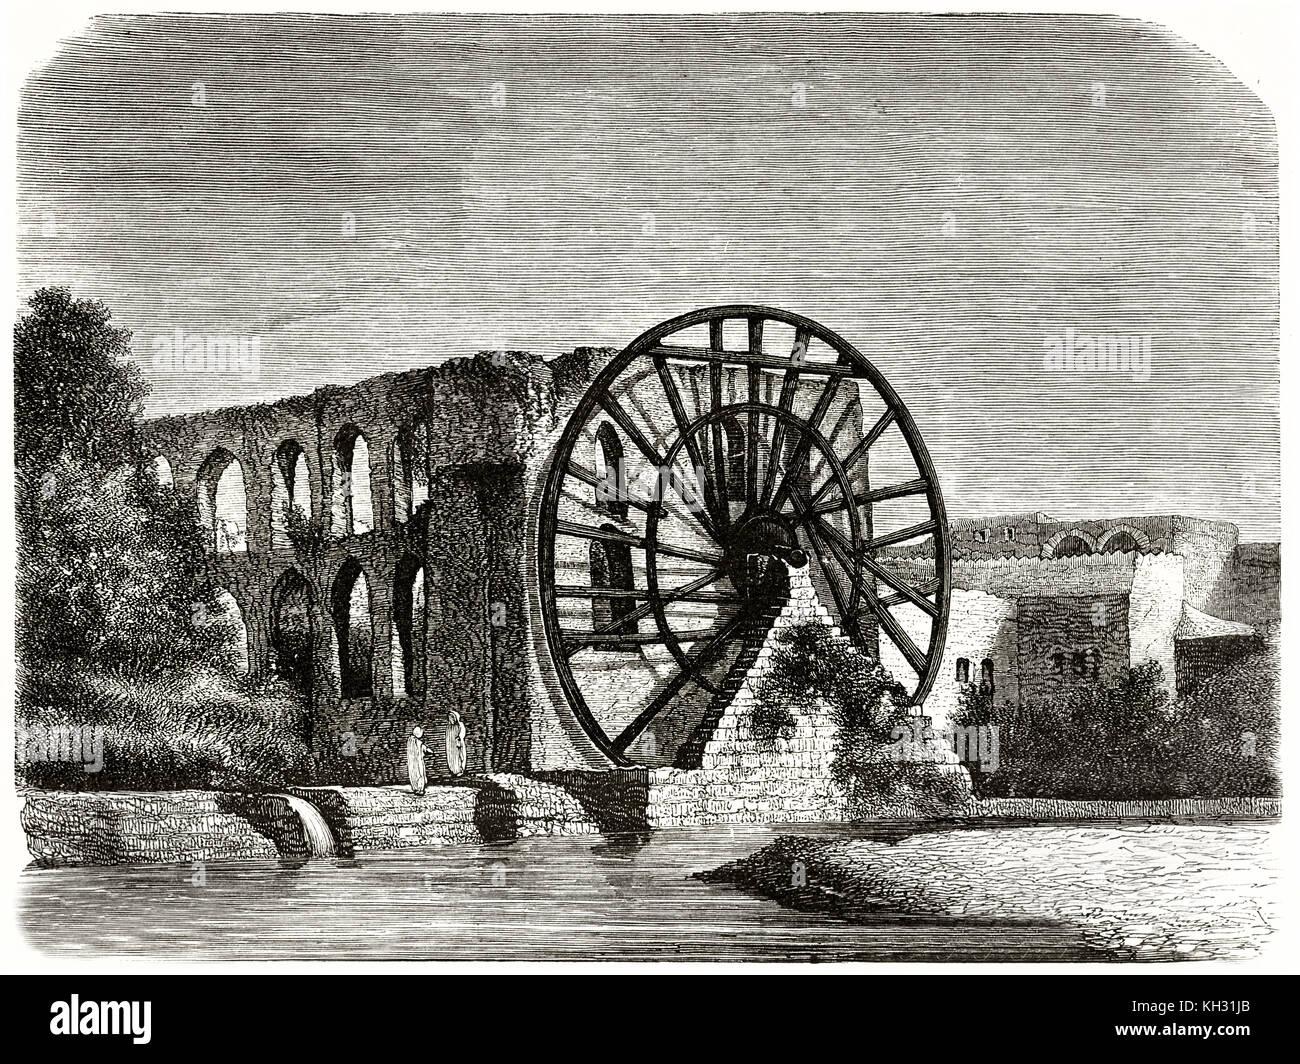 Alte Ansicht einer Noira (Maschine Heben von Wasser) entlang des Orontes, Syrien. Nachdem Hachette, Publ. Bei le Stockbild